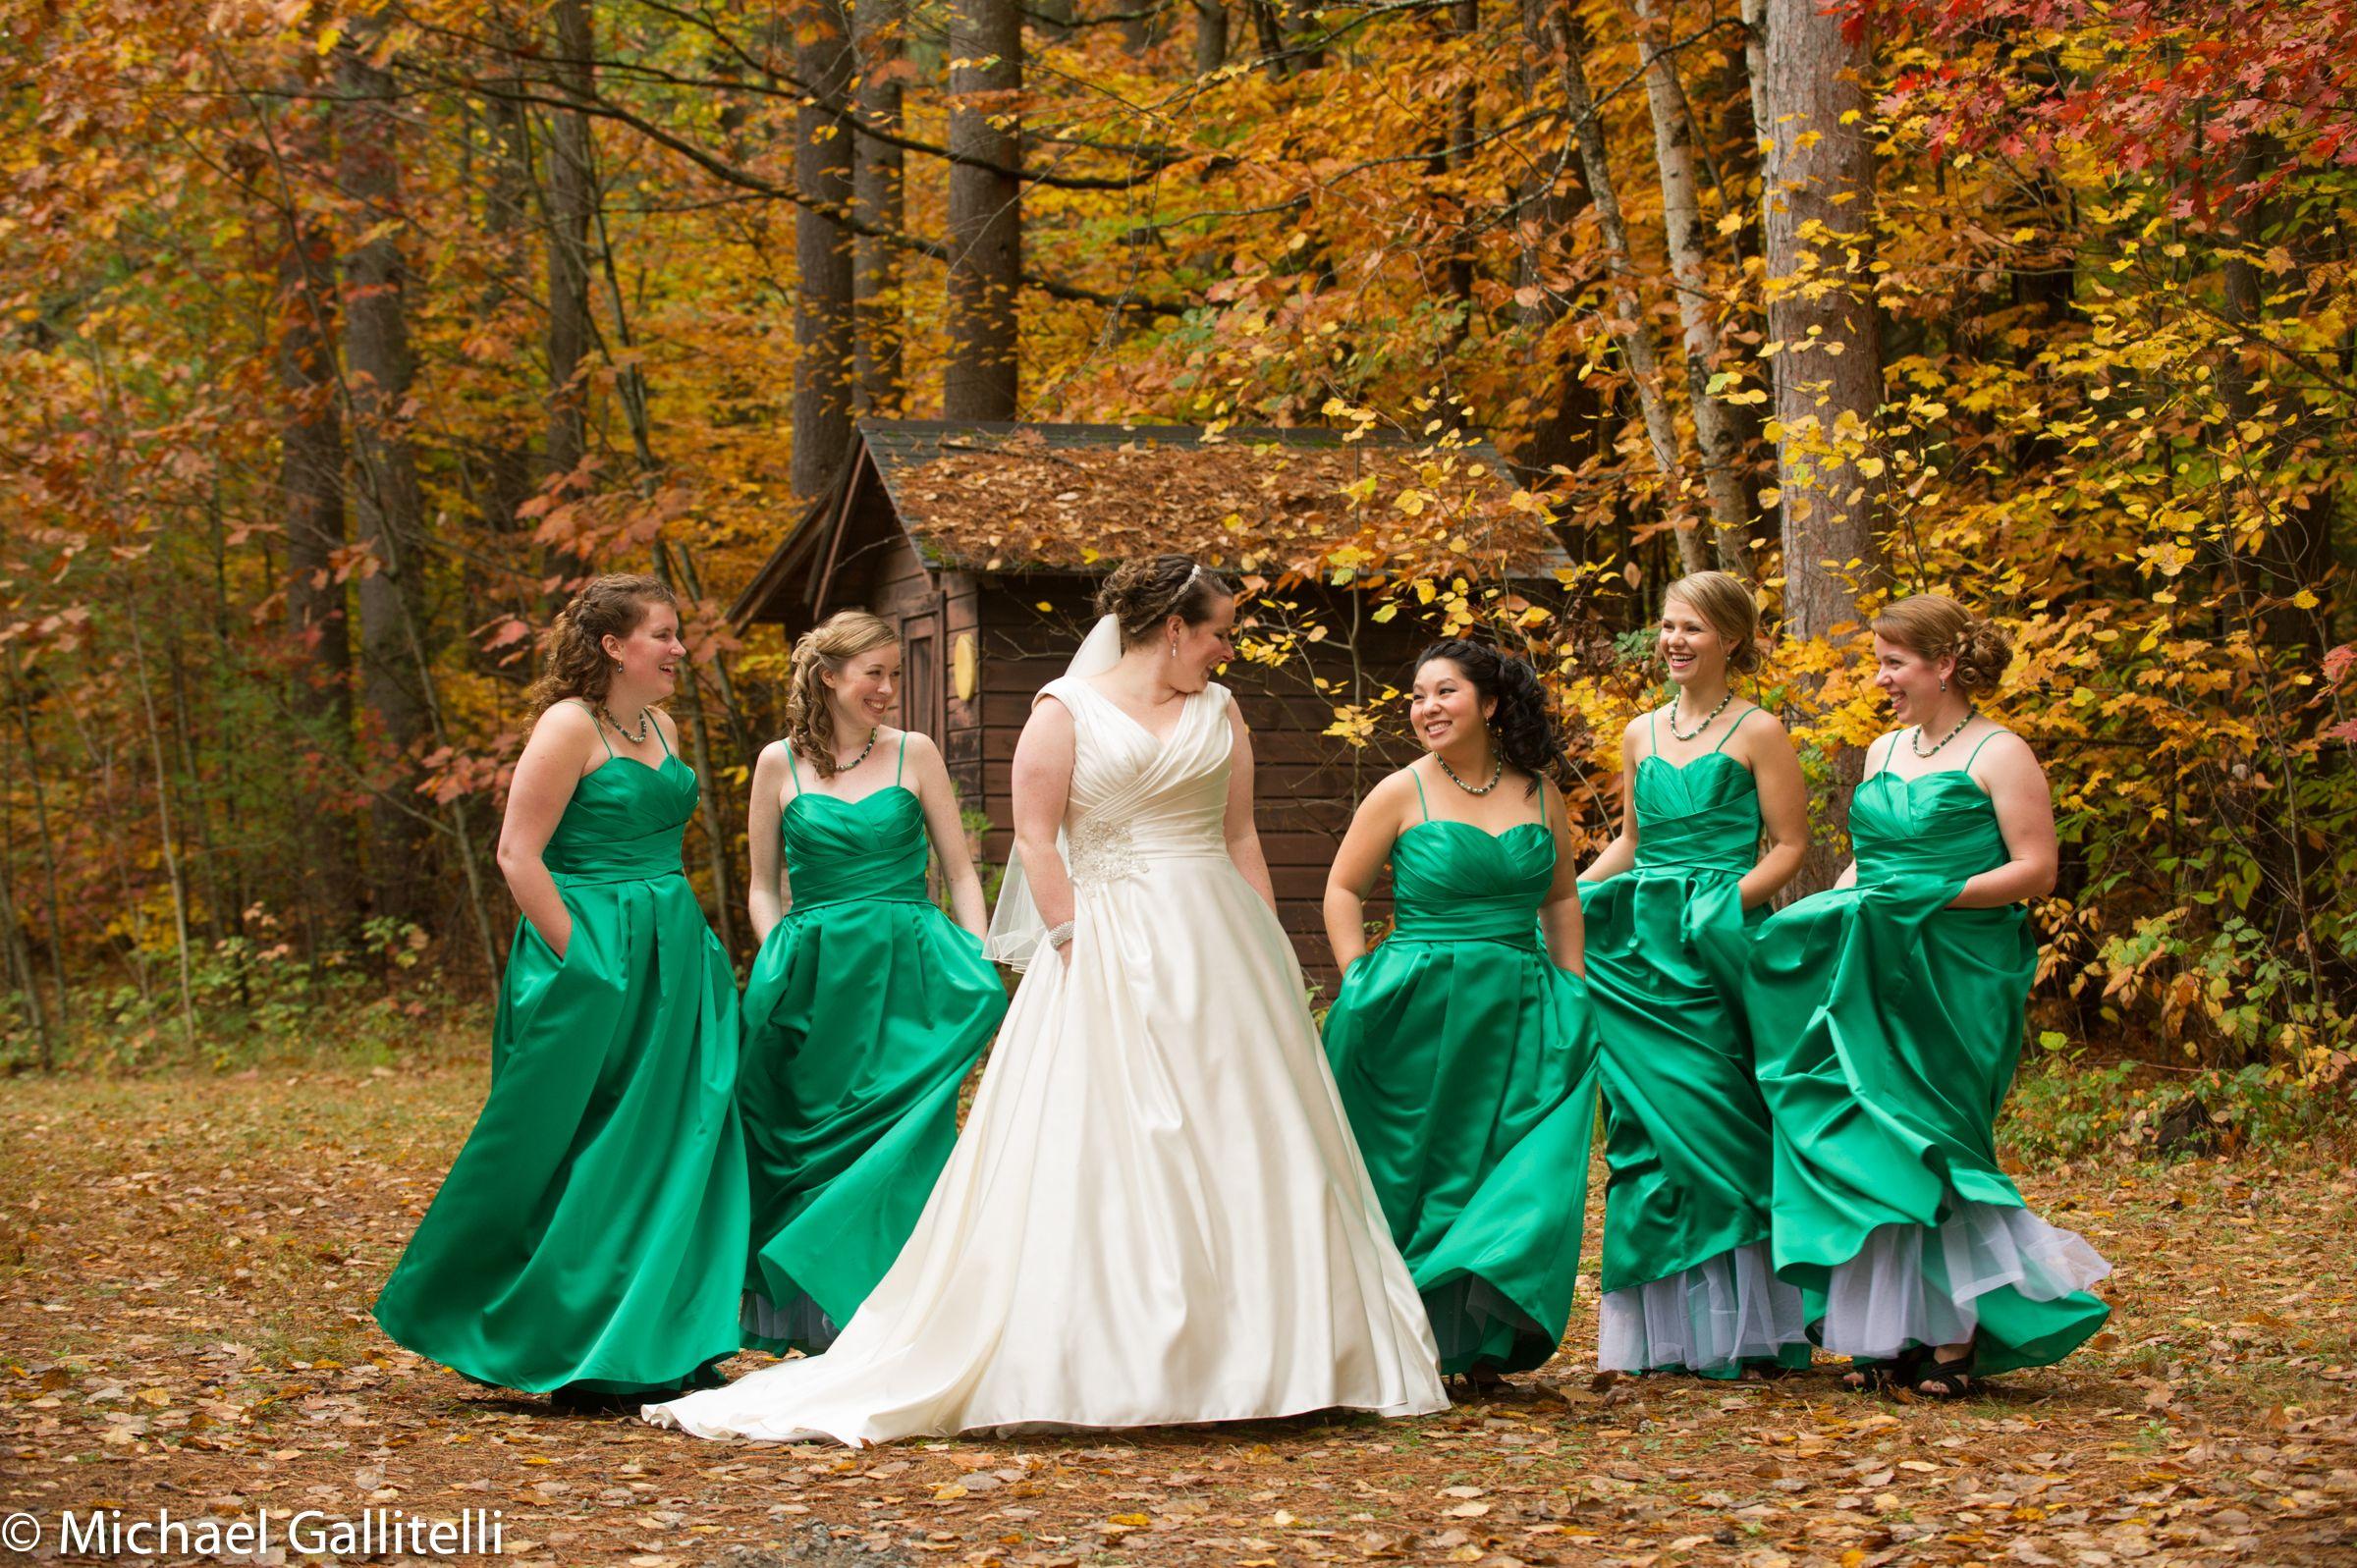 Adirondack fall wedding adirondacks wedding unique